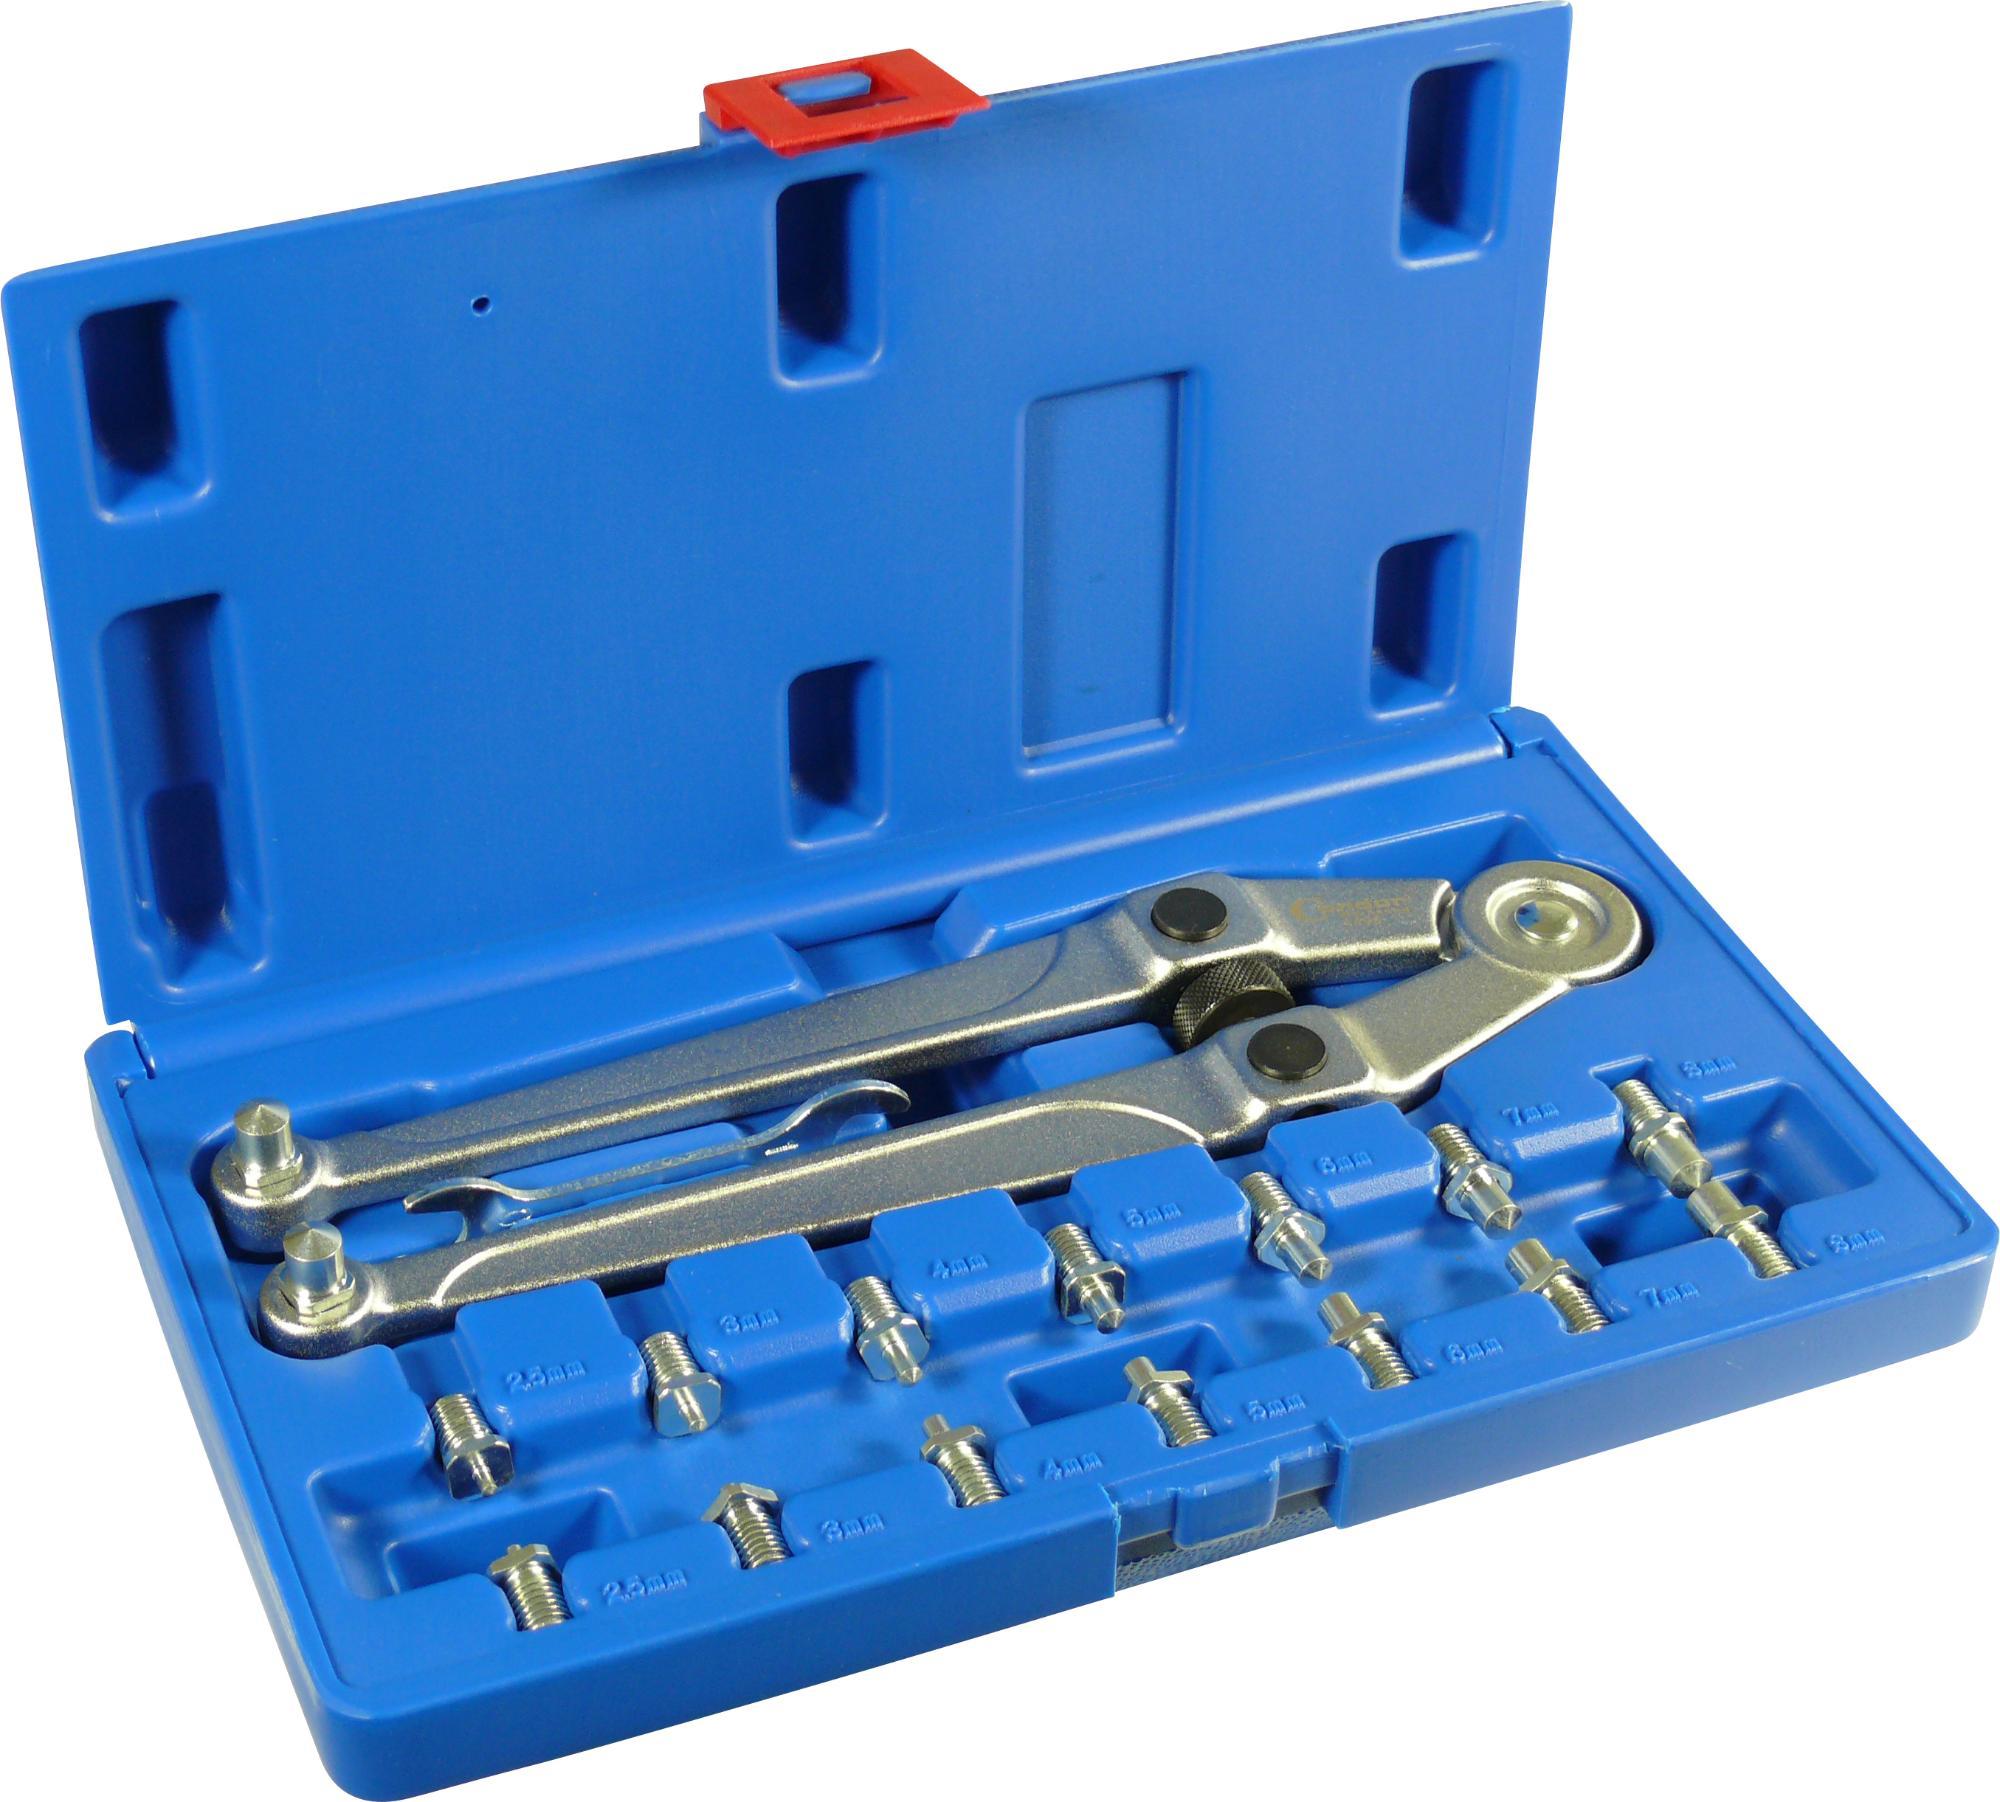 Kľúč-sada, 17-dielna., 8 priemer 2.5-9 mm